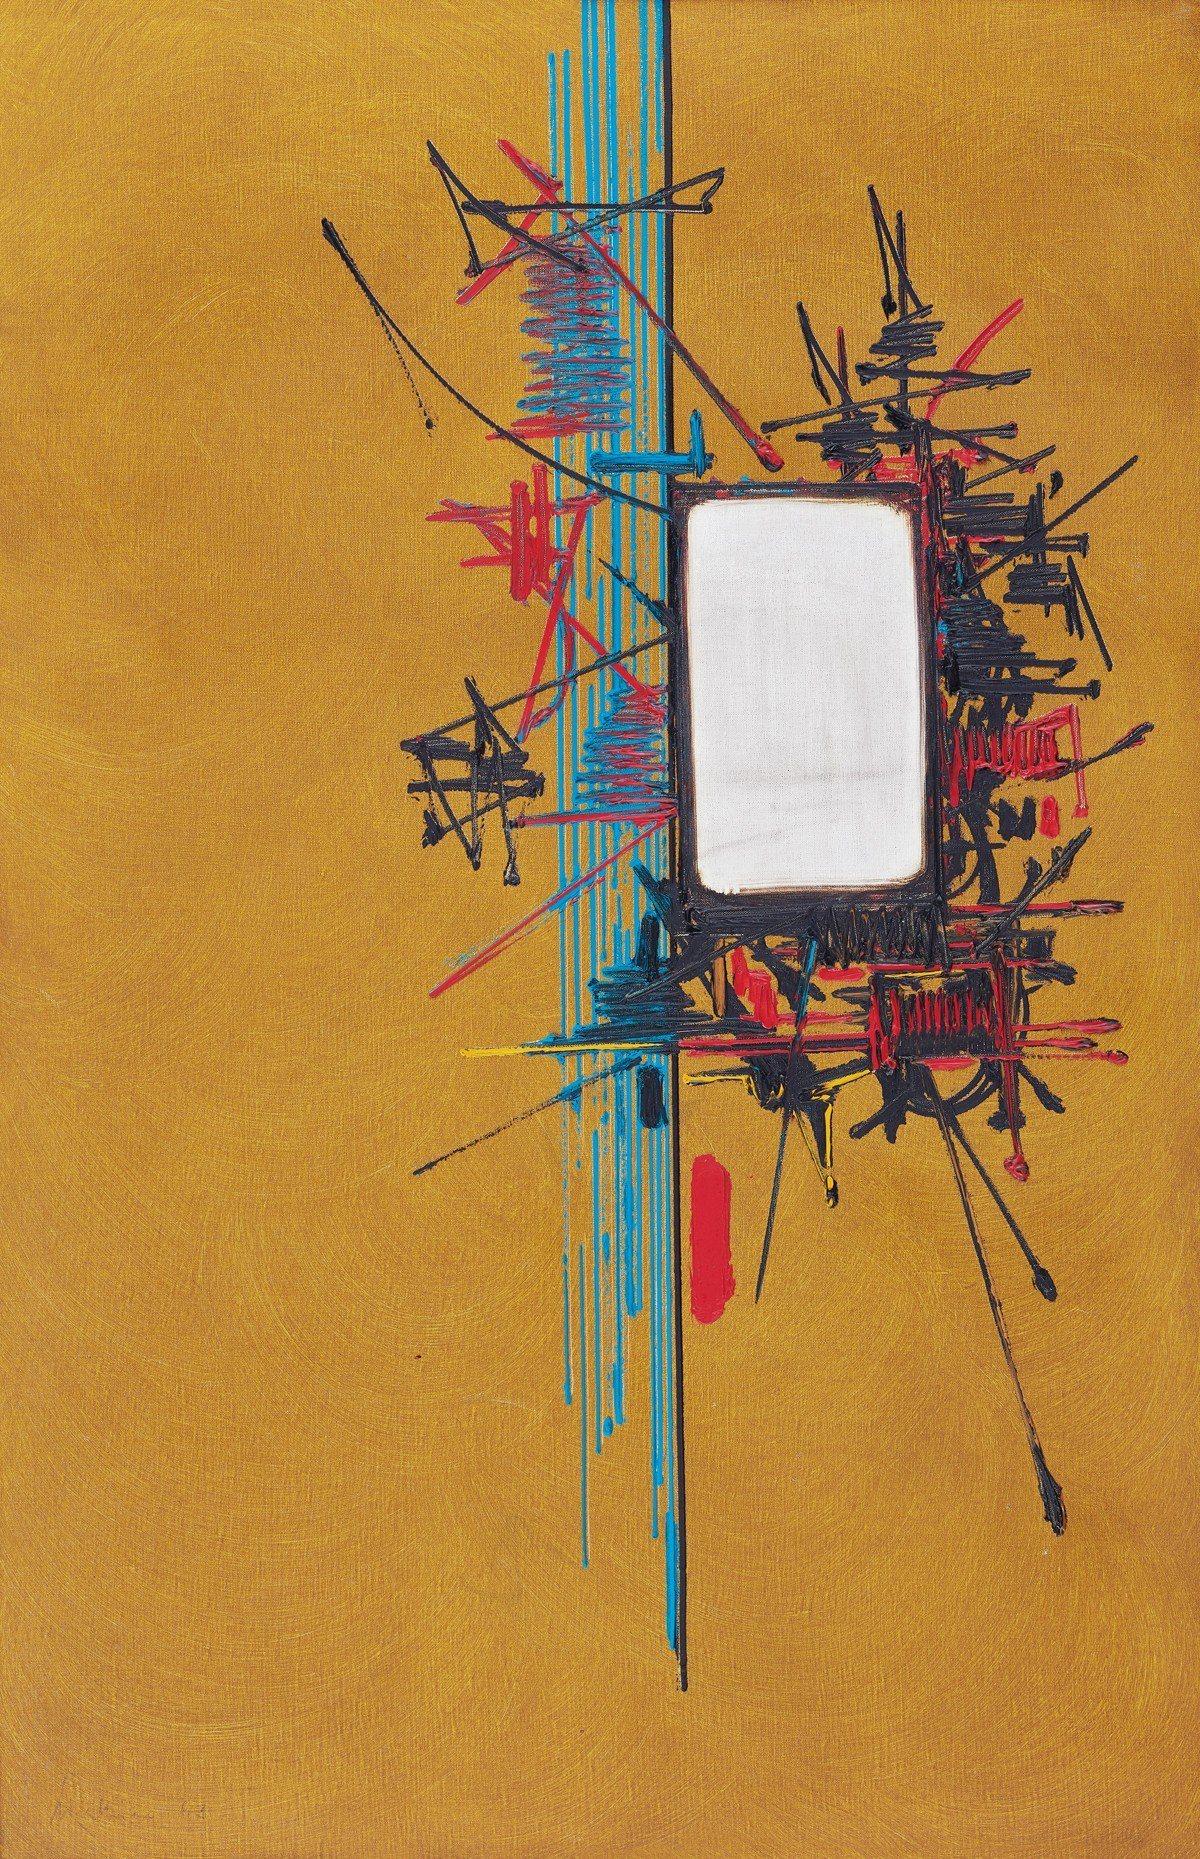 馬修 〈Argyropec〉 油彩畫布 一九六七年作 100 × 65 cm 估...